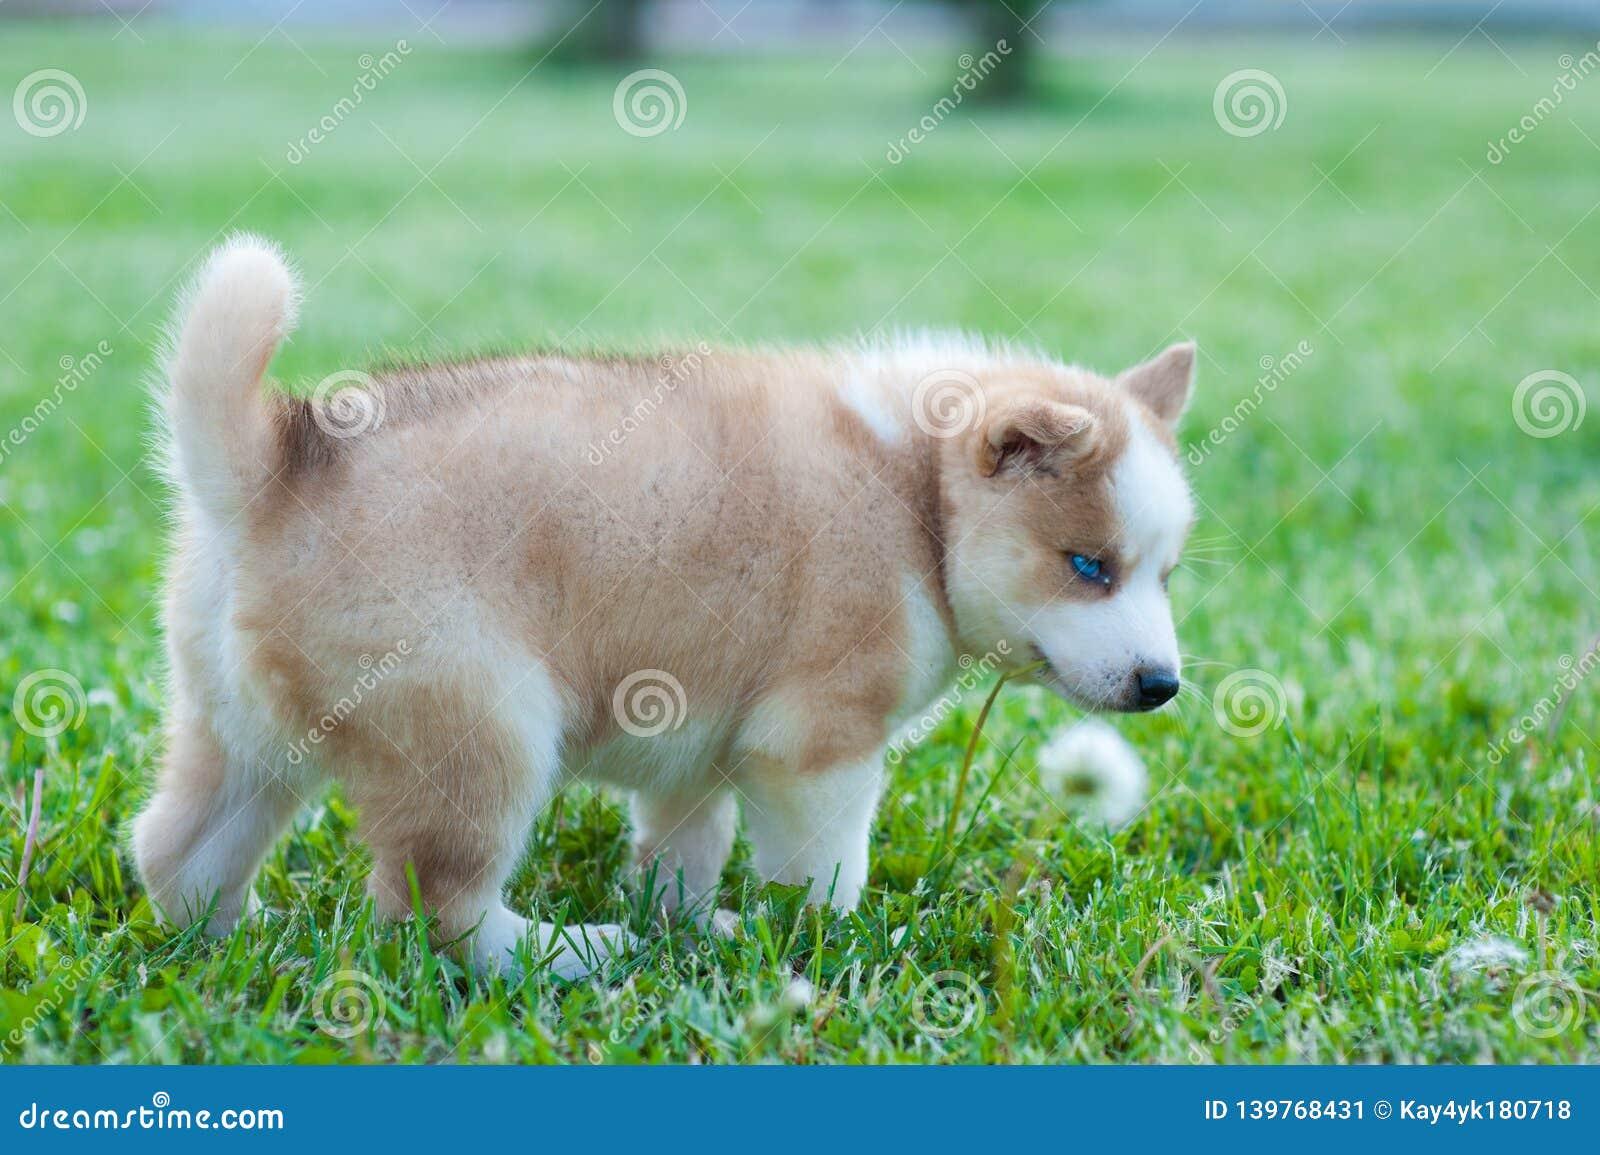 De schor hond greep groen gras met haar mond